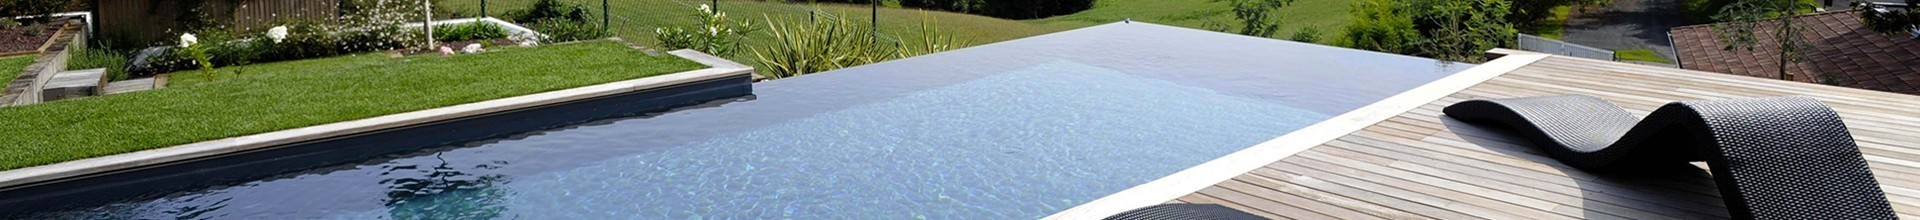 Direct usine, piscine coque prix Zurich